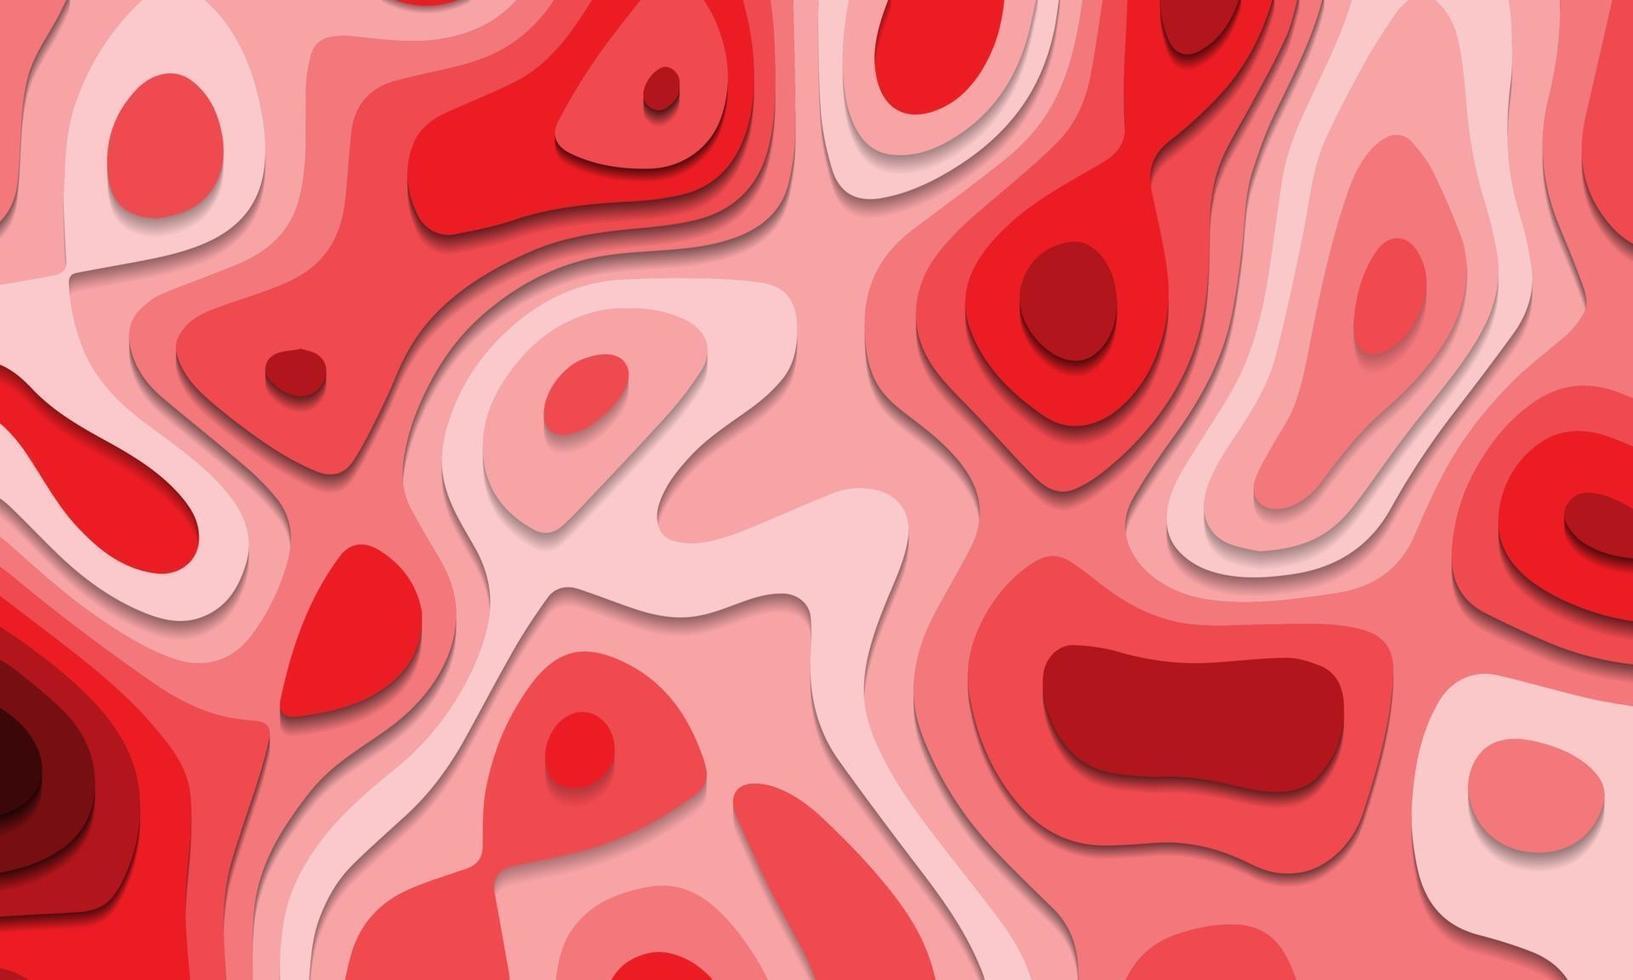 abstracte rode toon papier gesneden lagen overlappen kunst achtergrond textuur vectorillustratie. vector